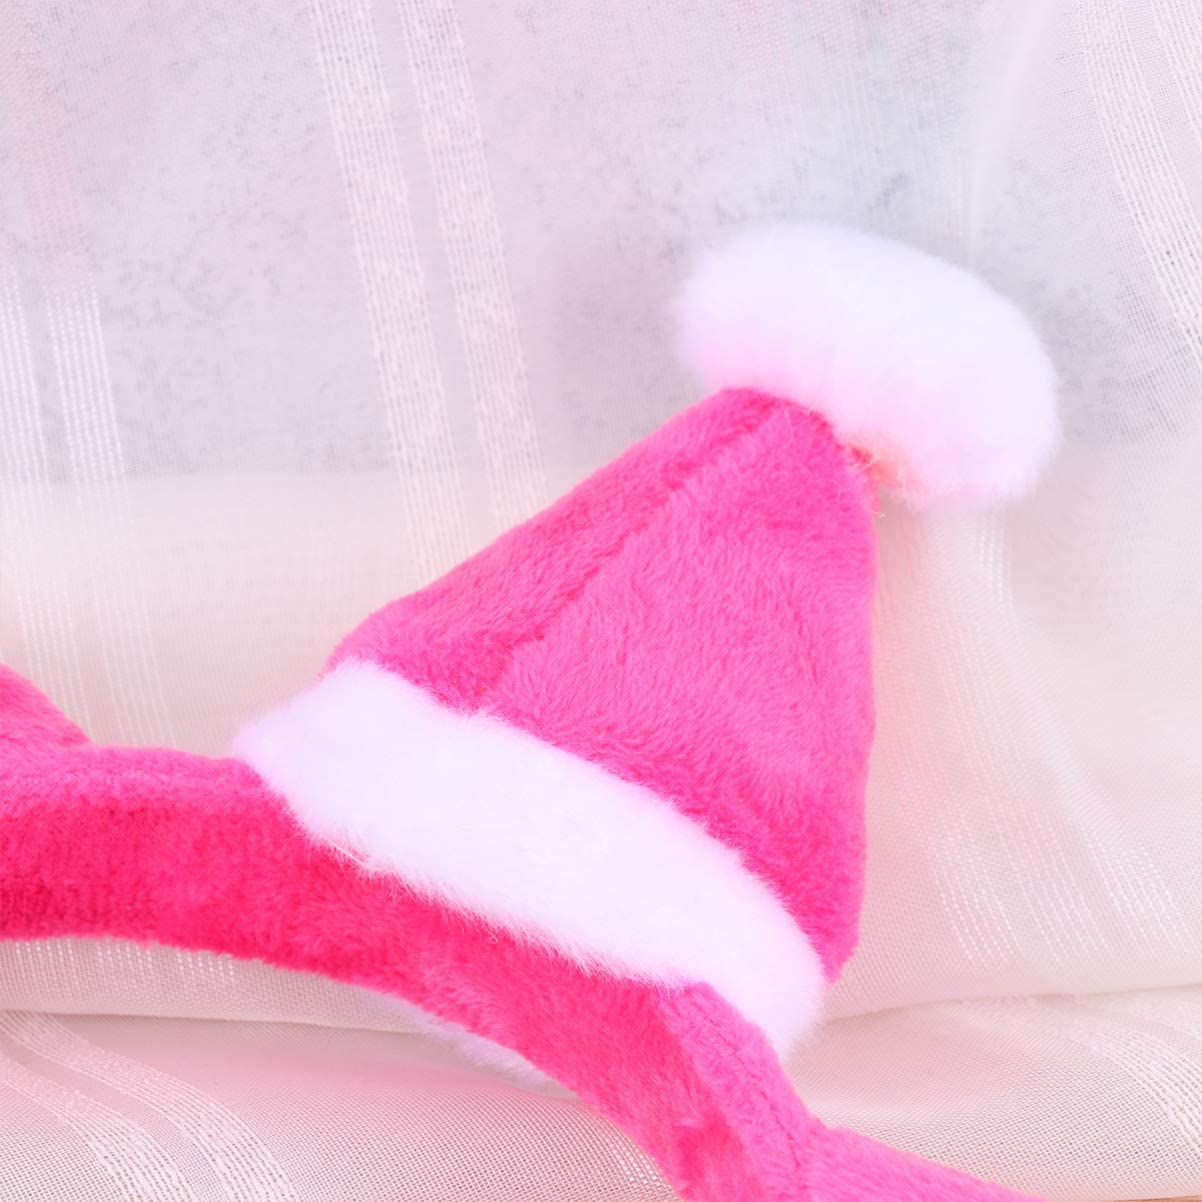 rosa Amosfun diadema de gato de navidad diadema de felpa sombrero de santa top tocado de banda para el cabello tocado para invierno fiesta festiva fiesta de disfraces suministros